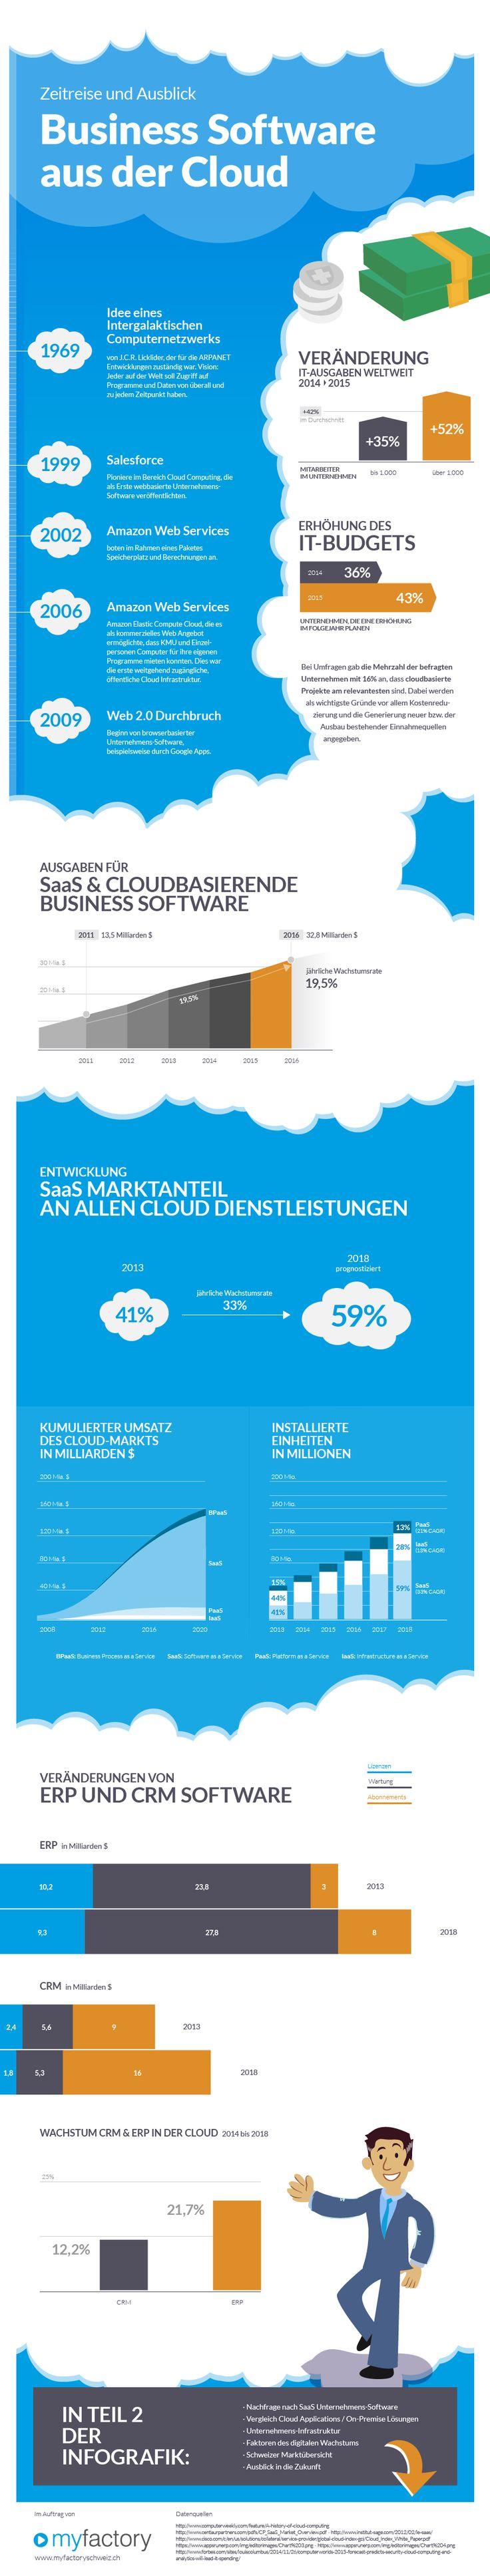 Erfahren Sie in der Infografik alles zur Cloud Business Software. Historische Entwicklung, aktuelle Veränderungen und einen Ausblick in die Zukunft. SaaS, CRM & Cloud ERP im Fokus.